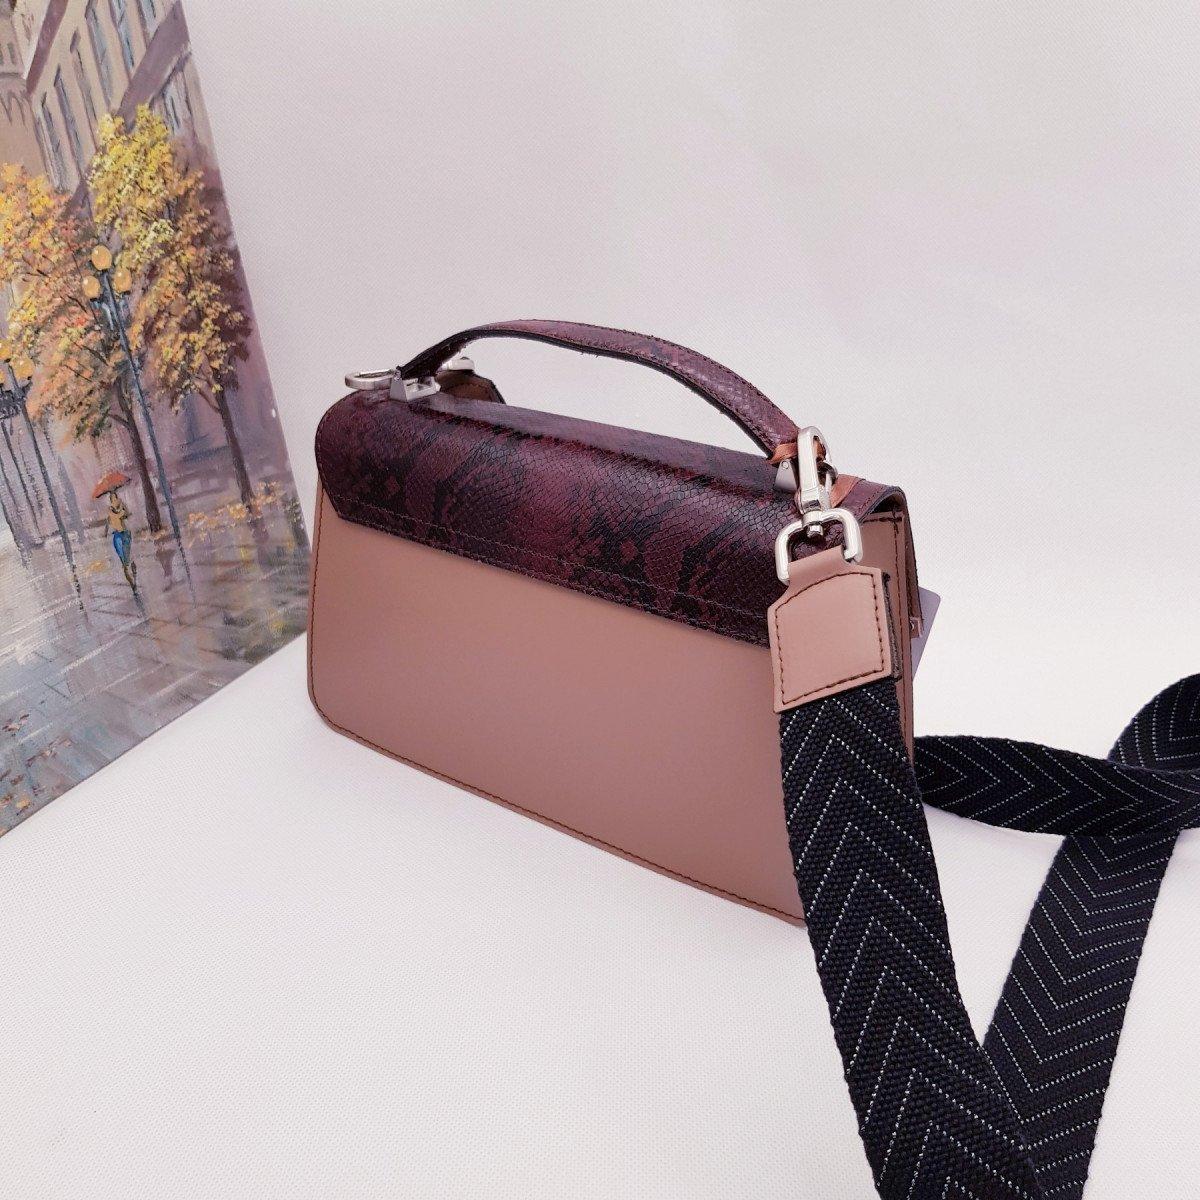 Женская кожаная сумка Arcadia 7538 ruga pit rosa rubino из натуральной кожи